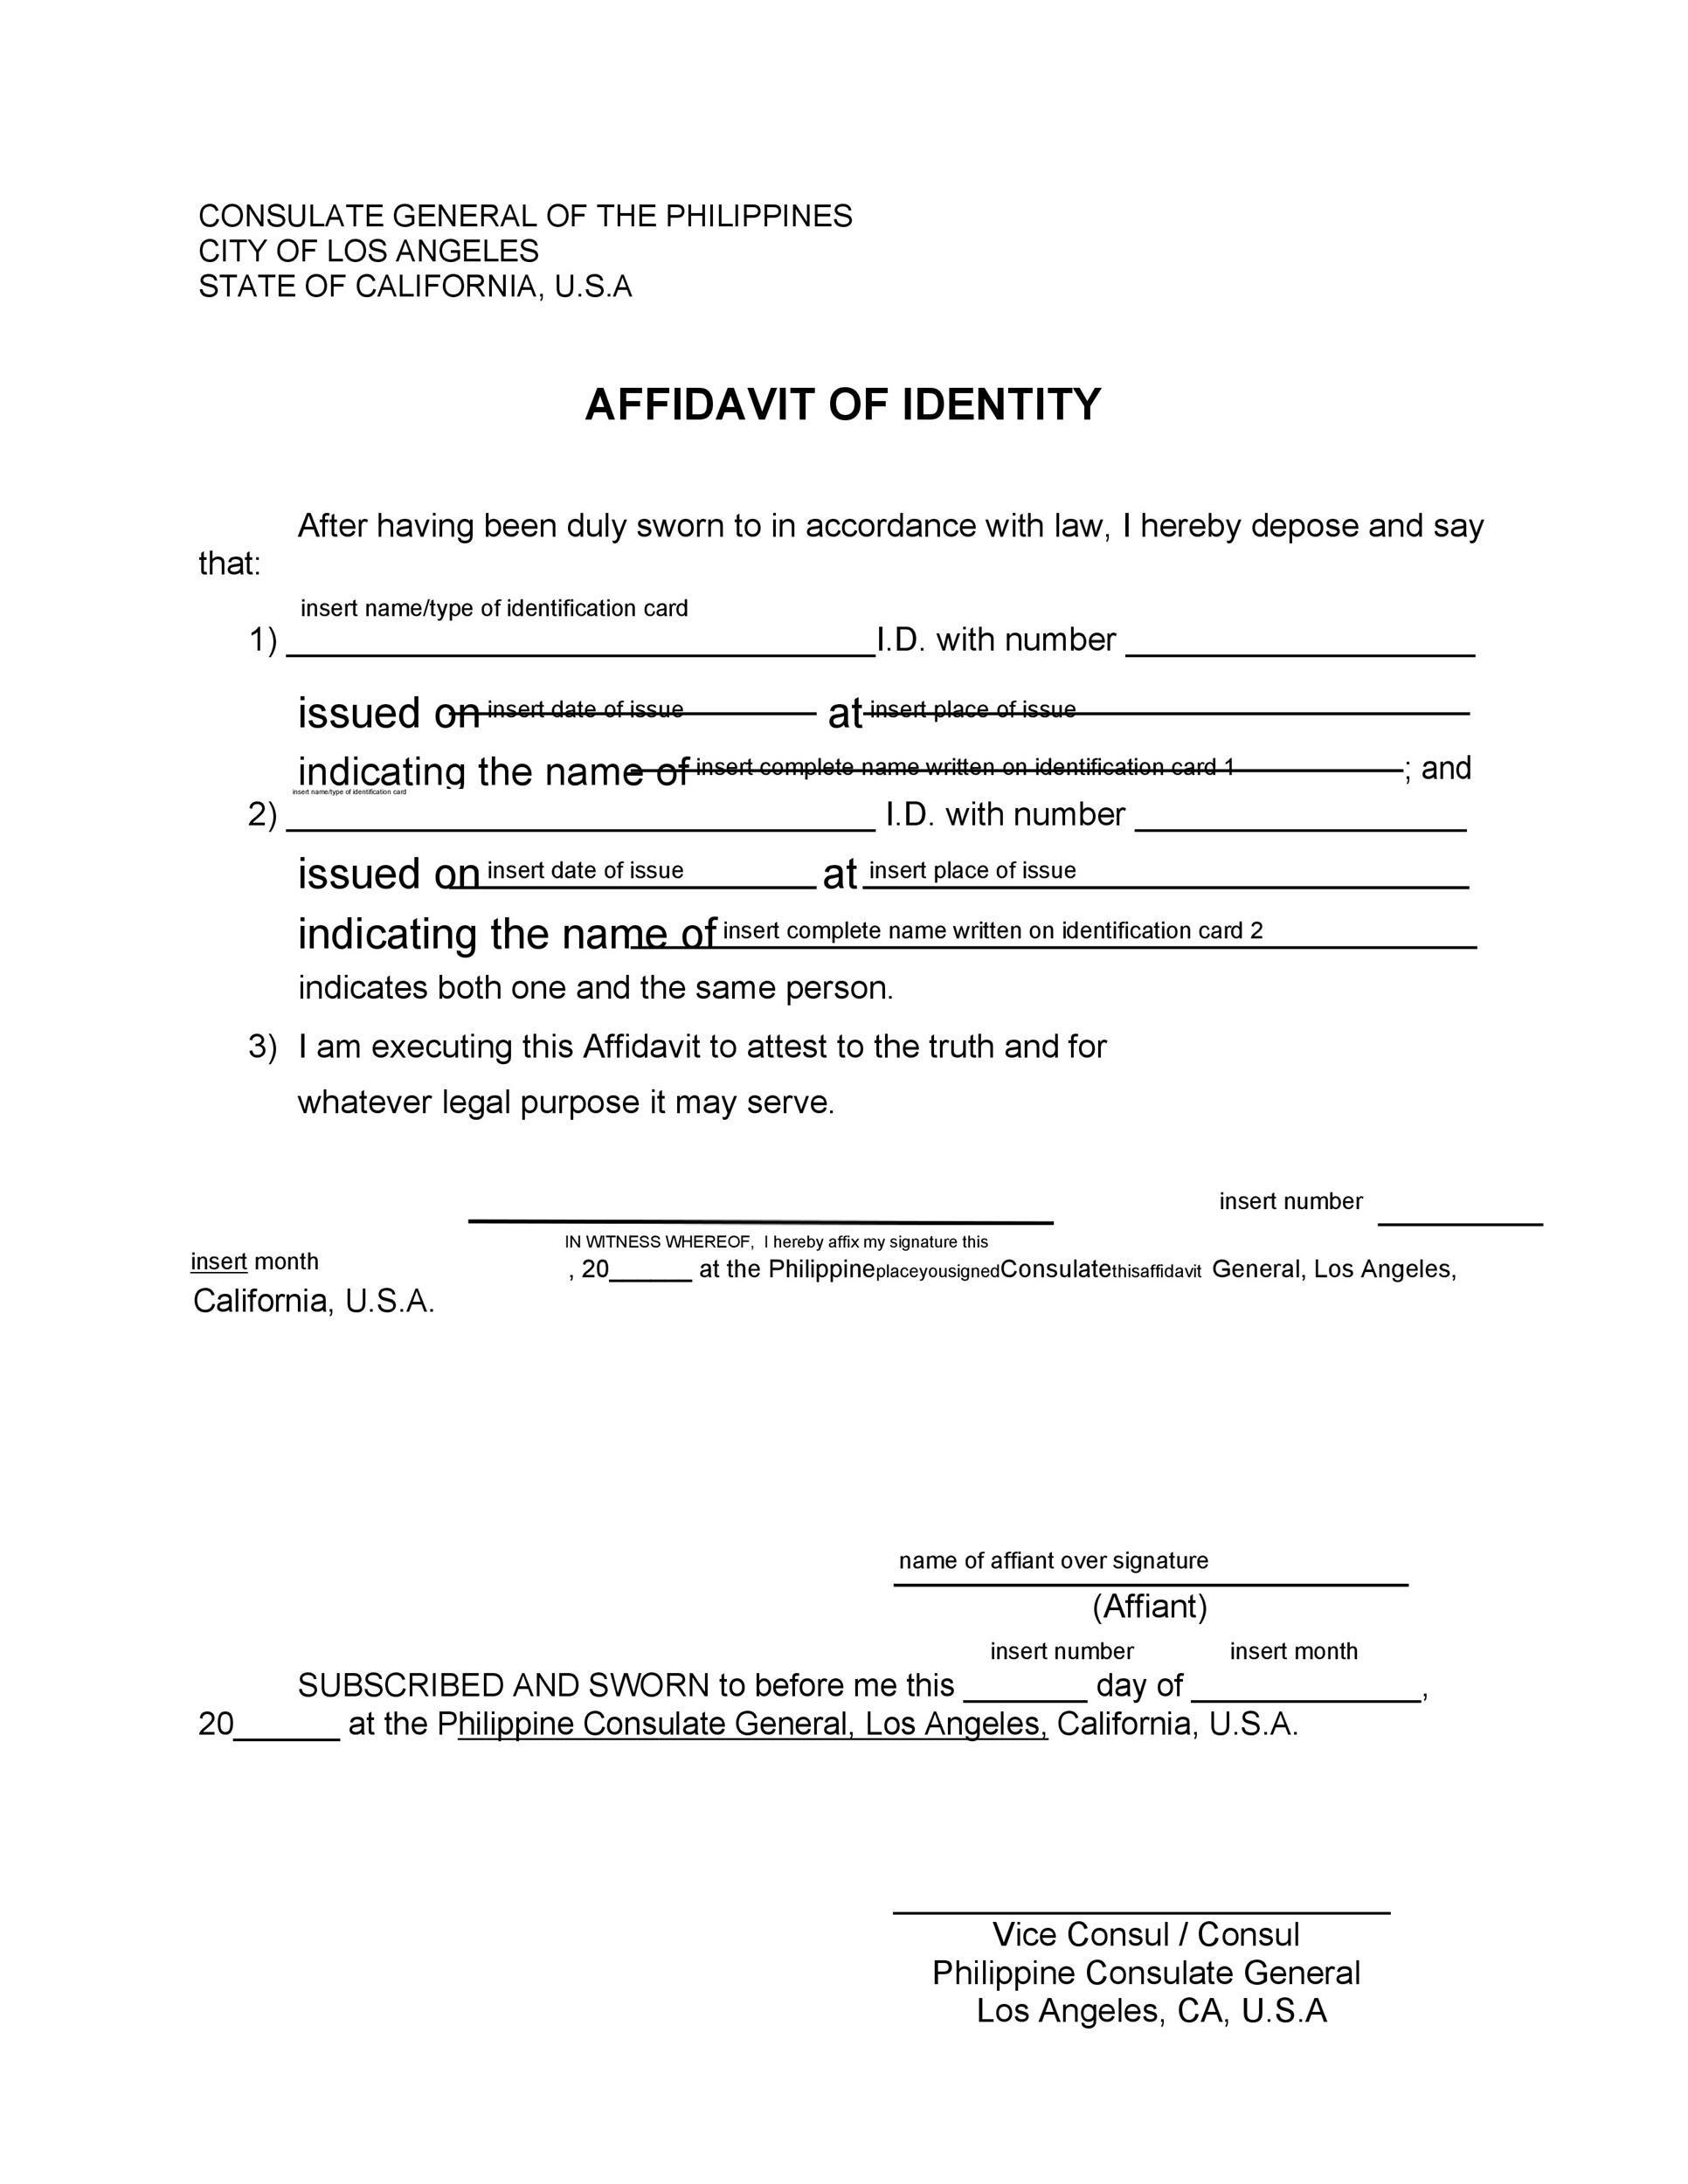 Free affidavit of identity 01